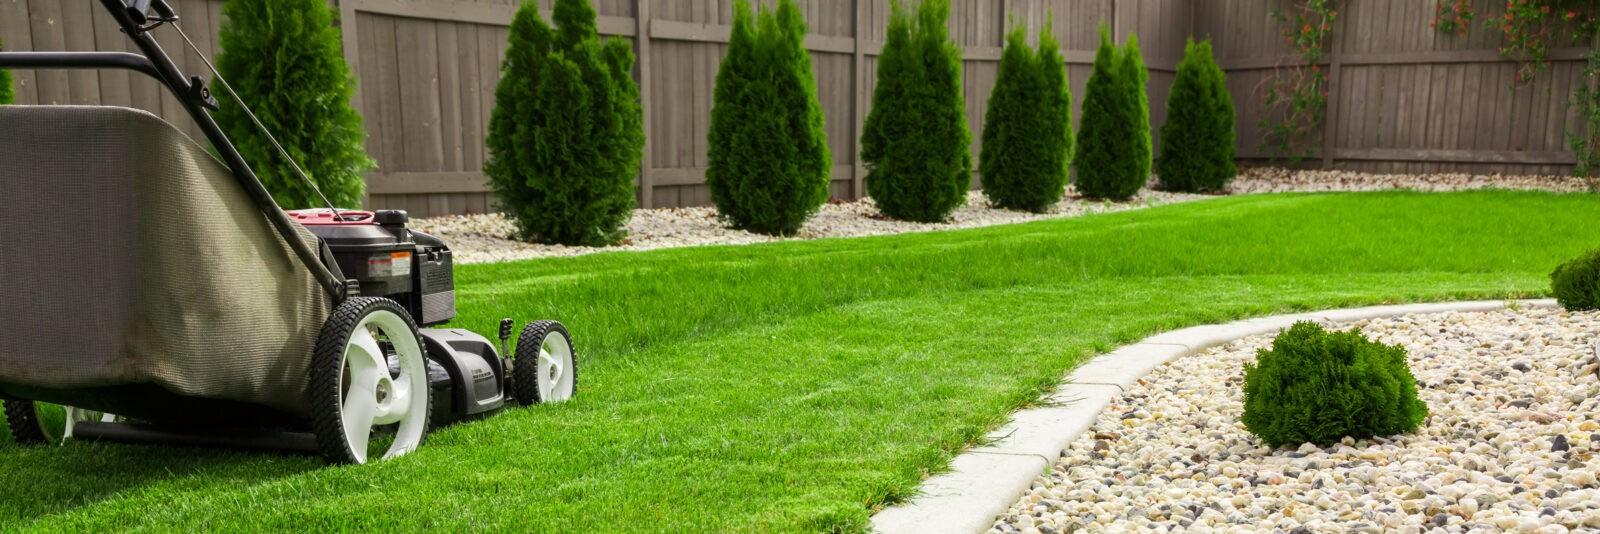 Gartenunterhalt | Rasen mähen